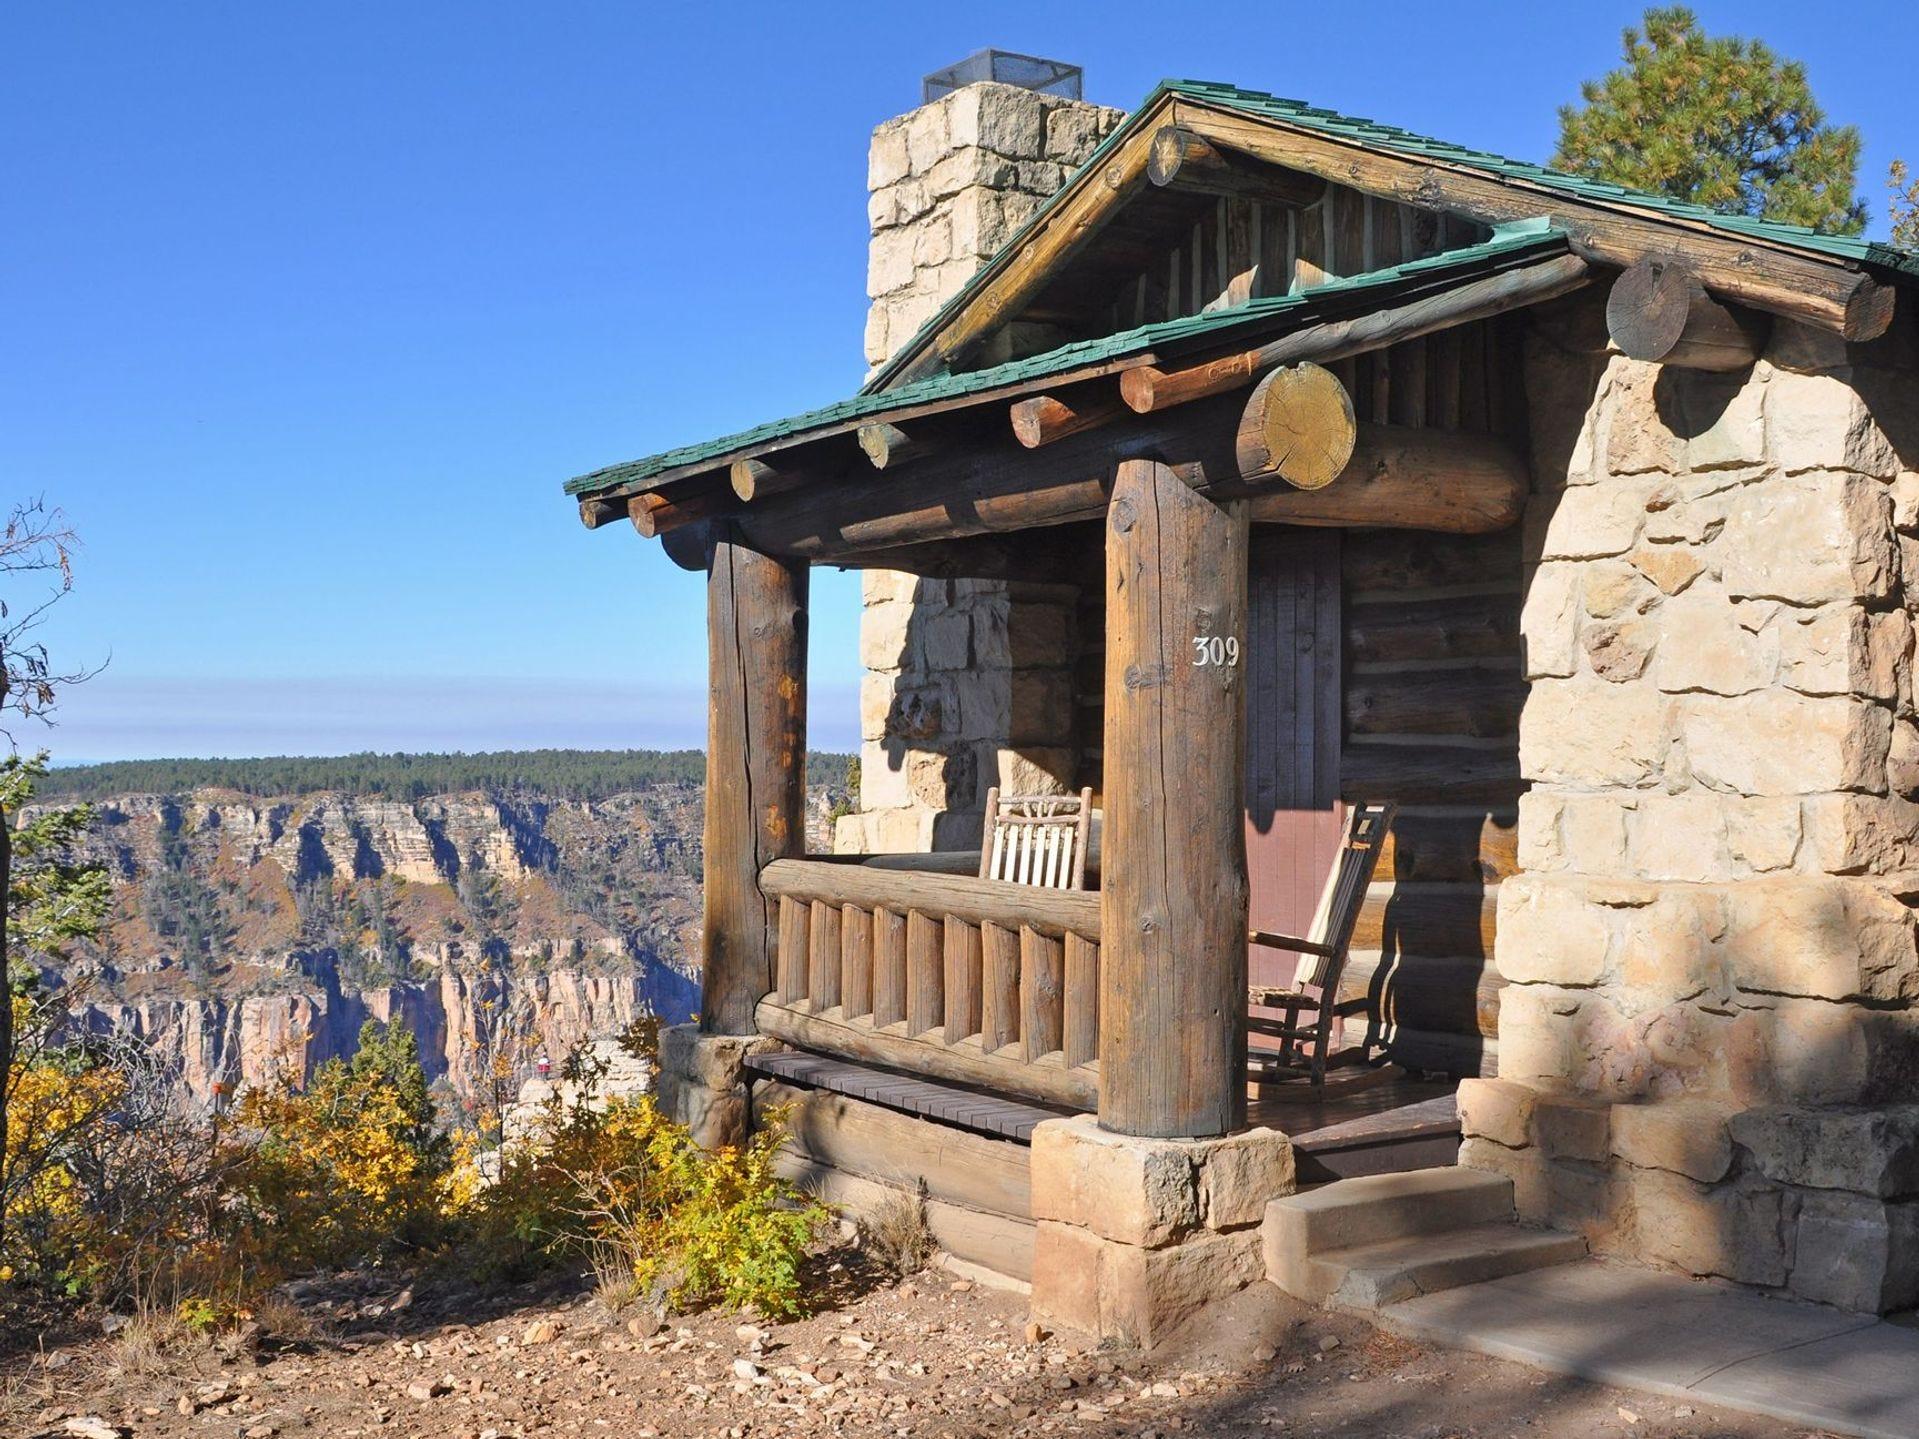 Una cabaña en Grand Canyon Lodge en el borde norte del Gran Cañón.